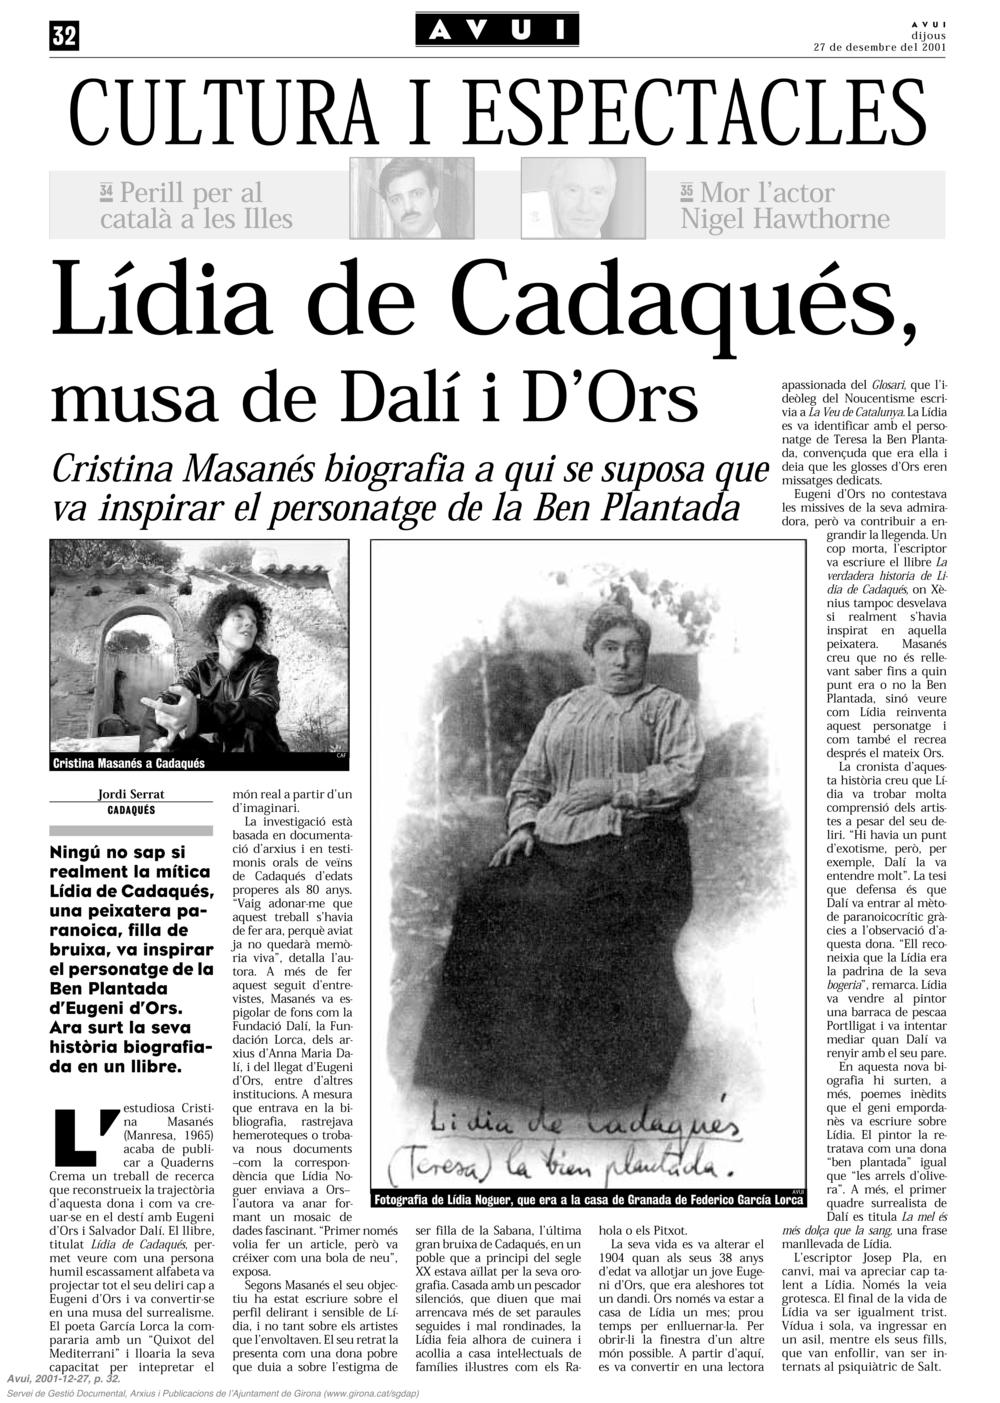 LídiaCadaqués_Avui_JordiSerrat copia.jpg